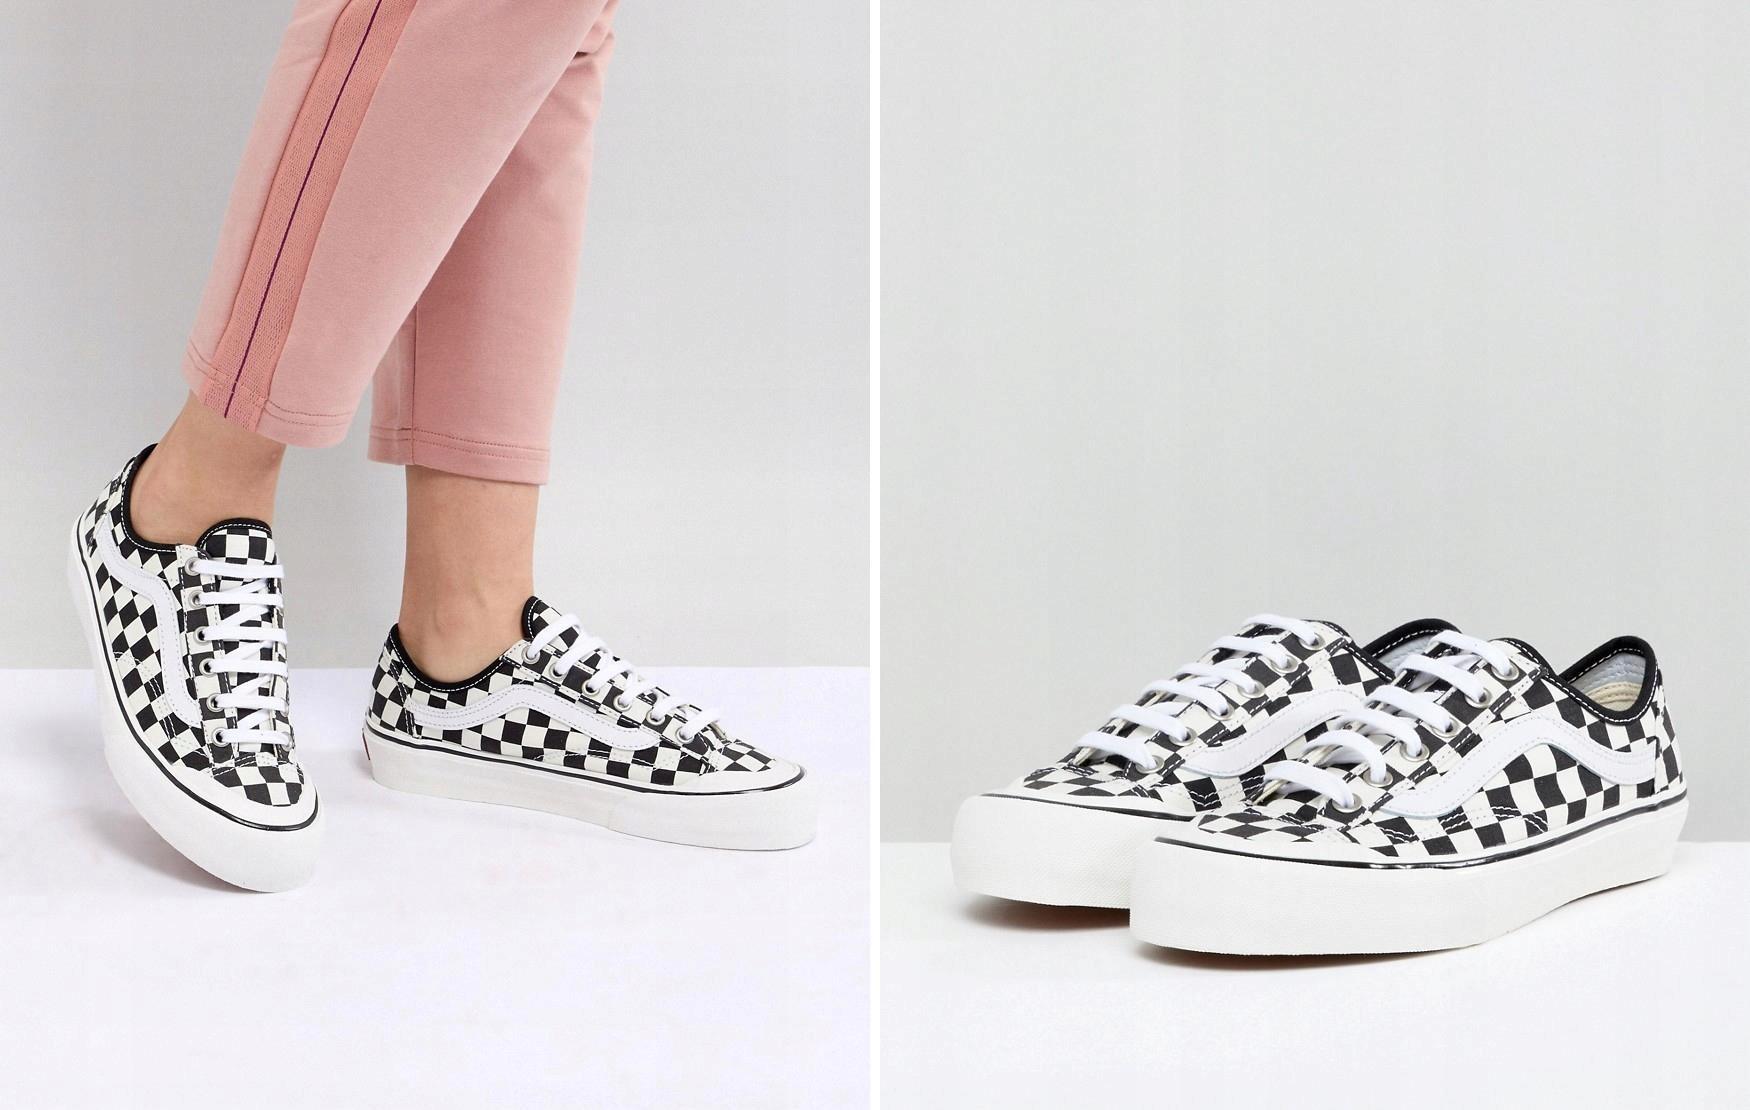 słodkie tanie autoryzowana strona wyprzedaż 50 style buty